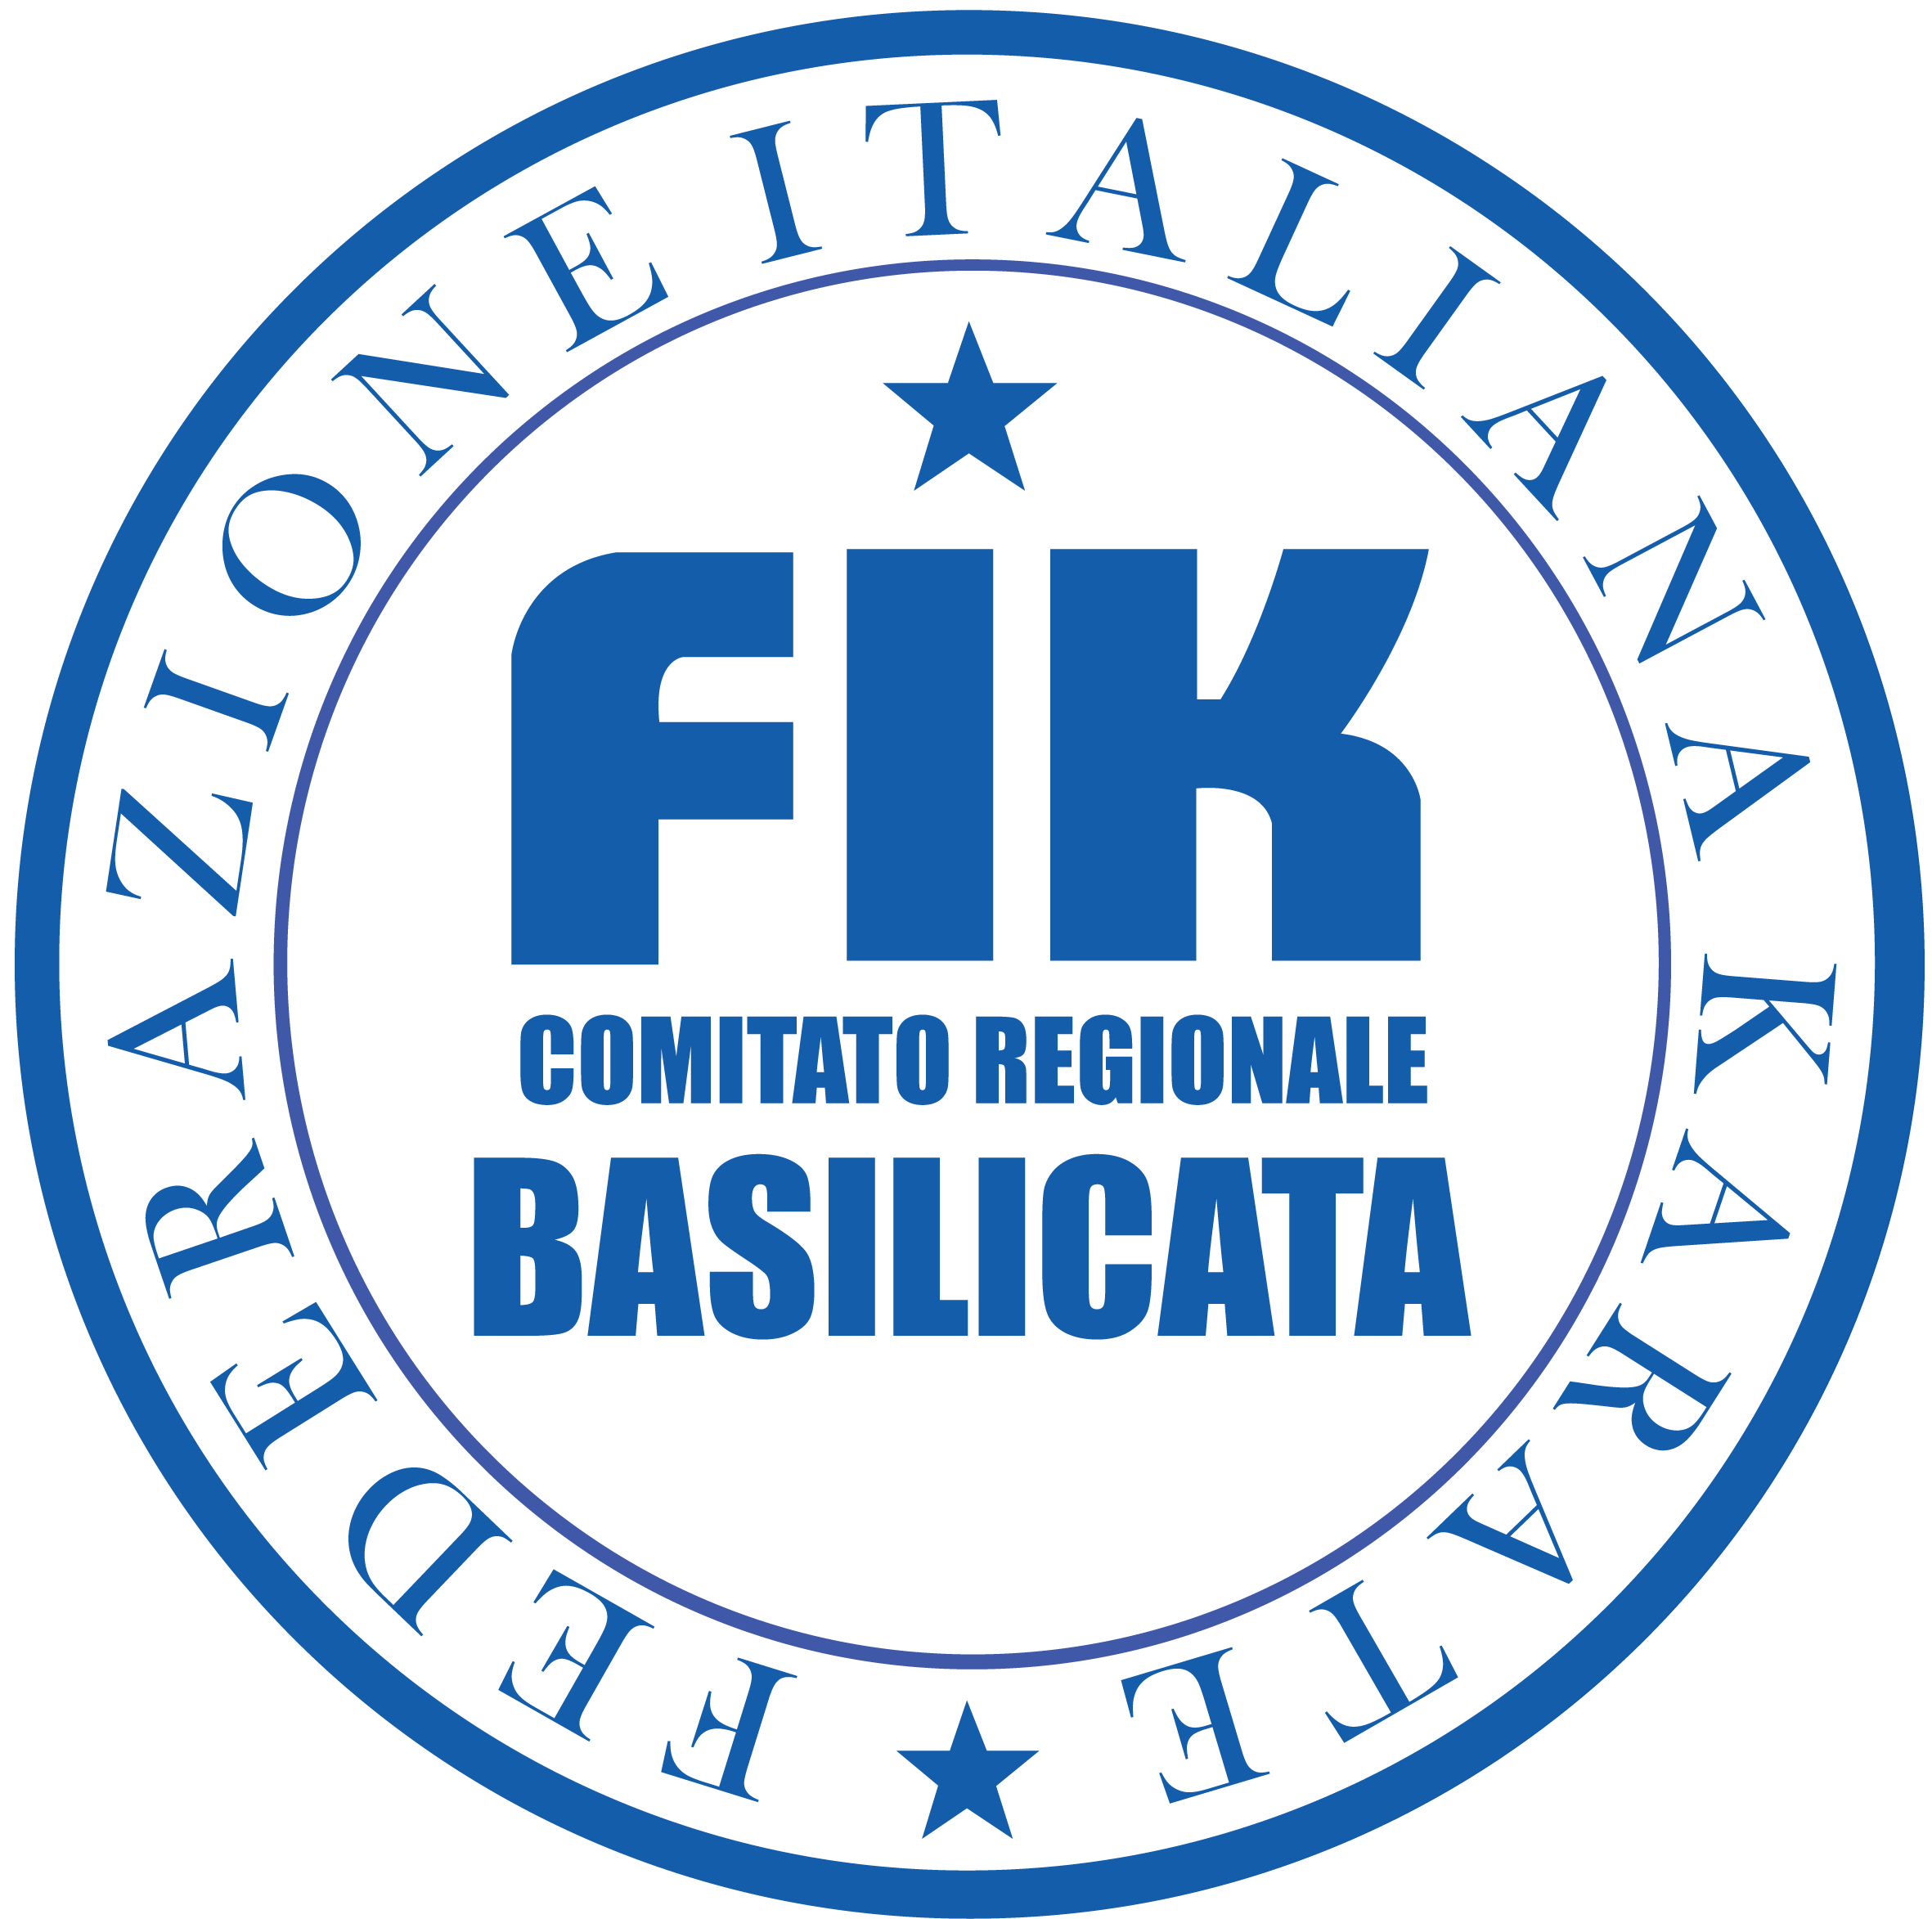 Comitato Regionale Basilicata